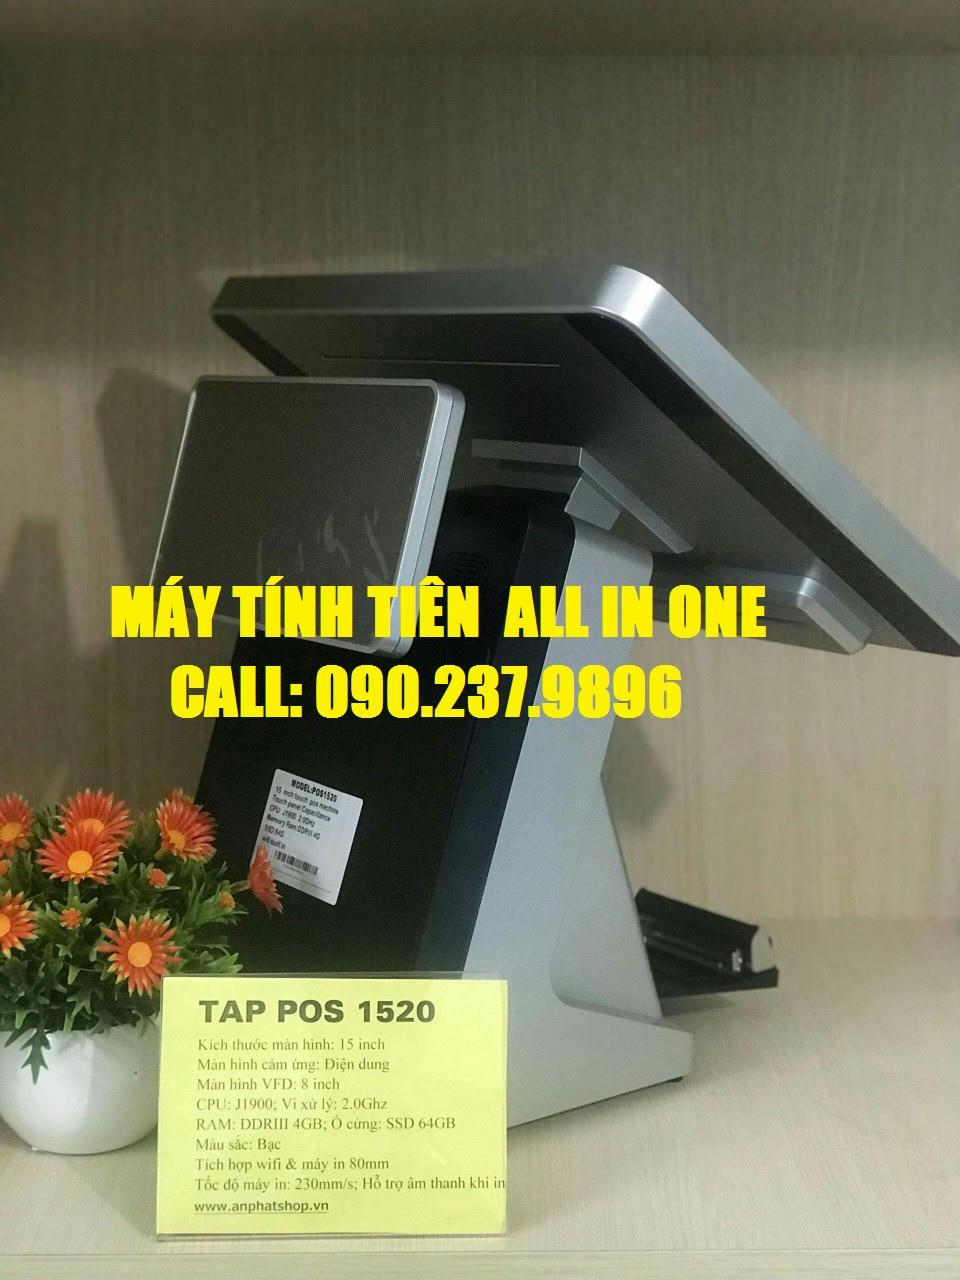 Bộ máy tính tiền hiện đại cho quán cafe tại Hóc Môn